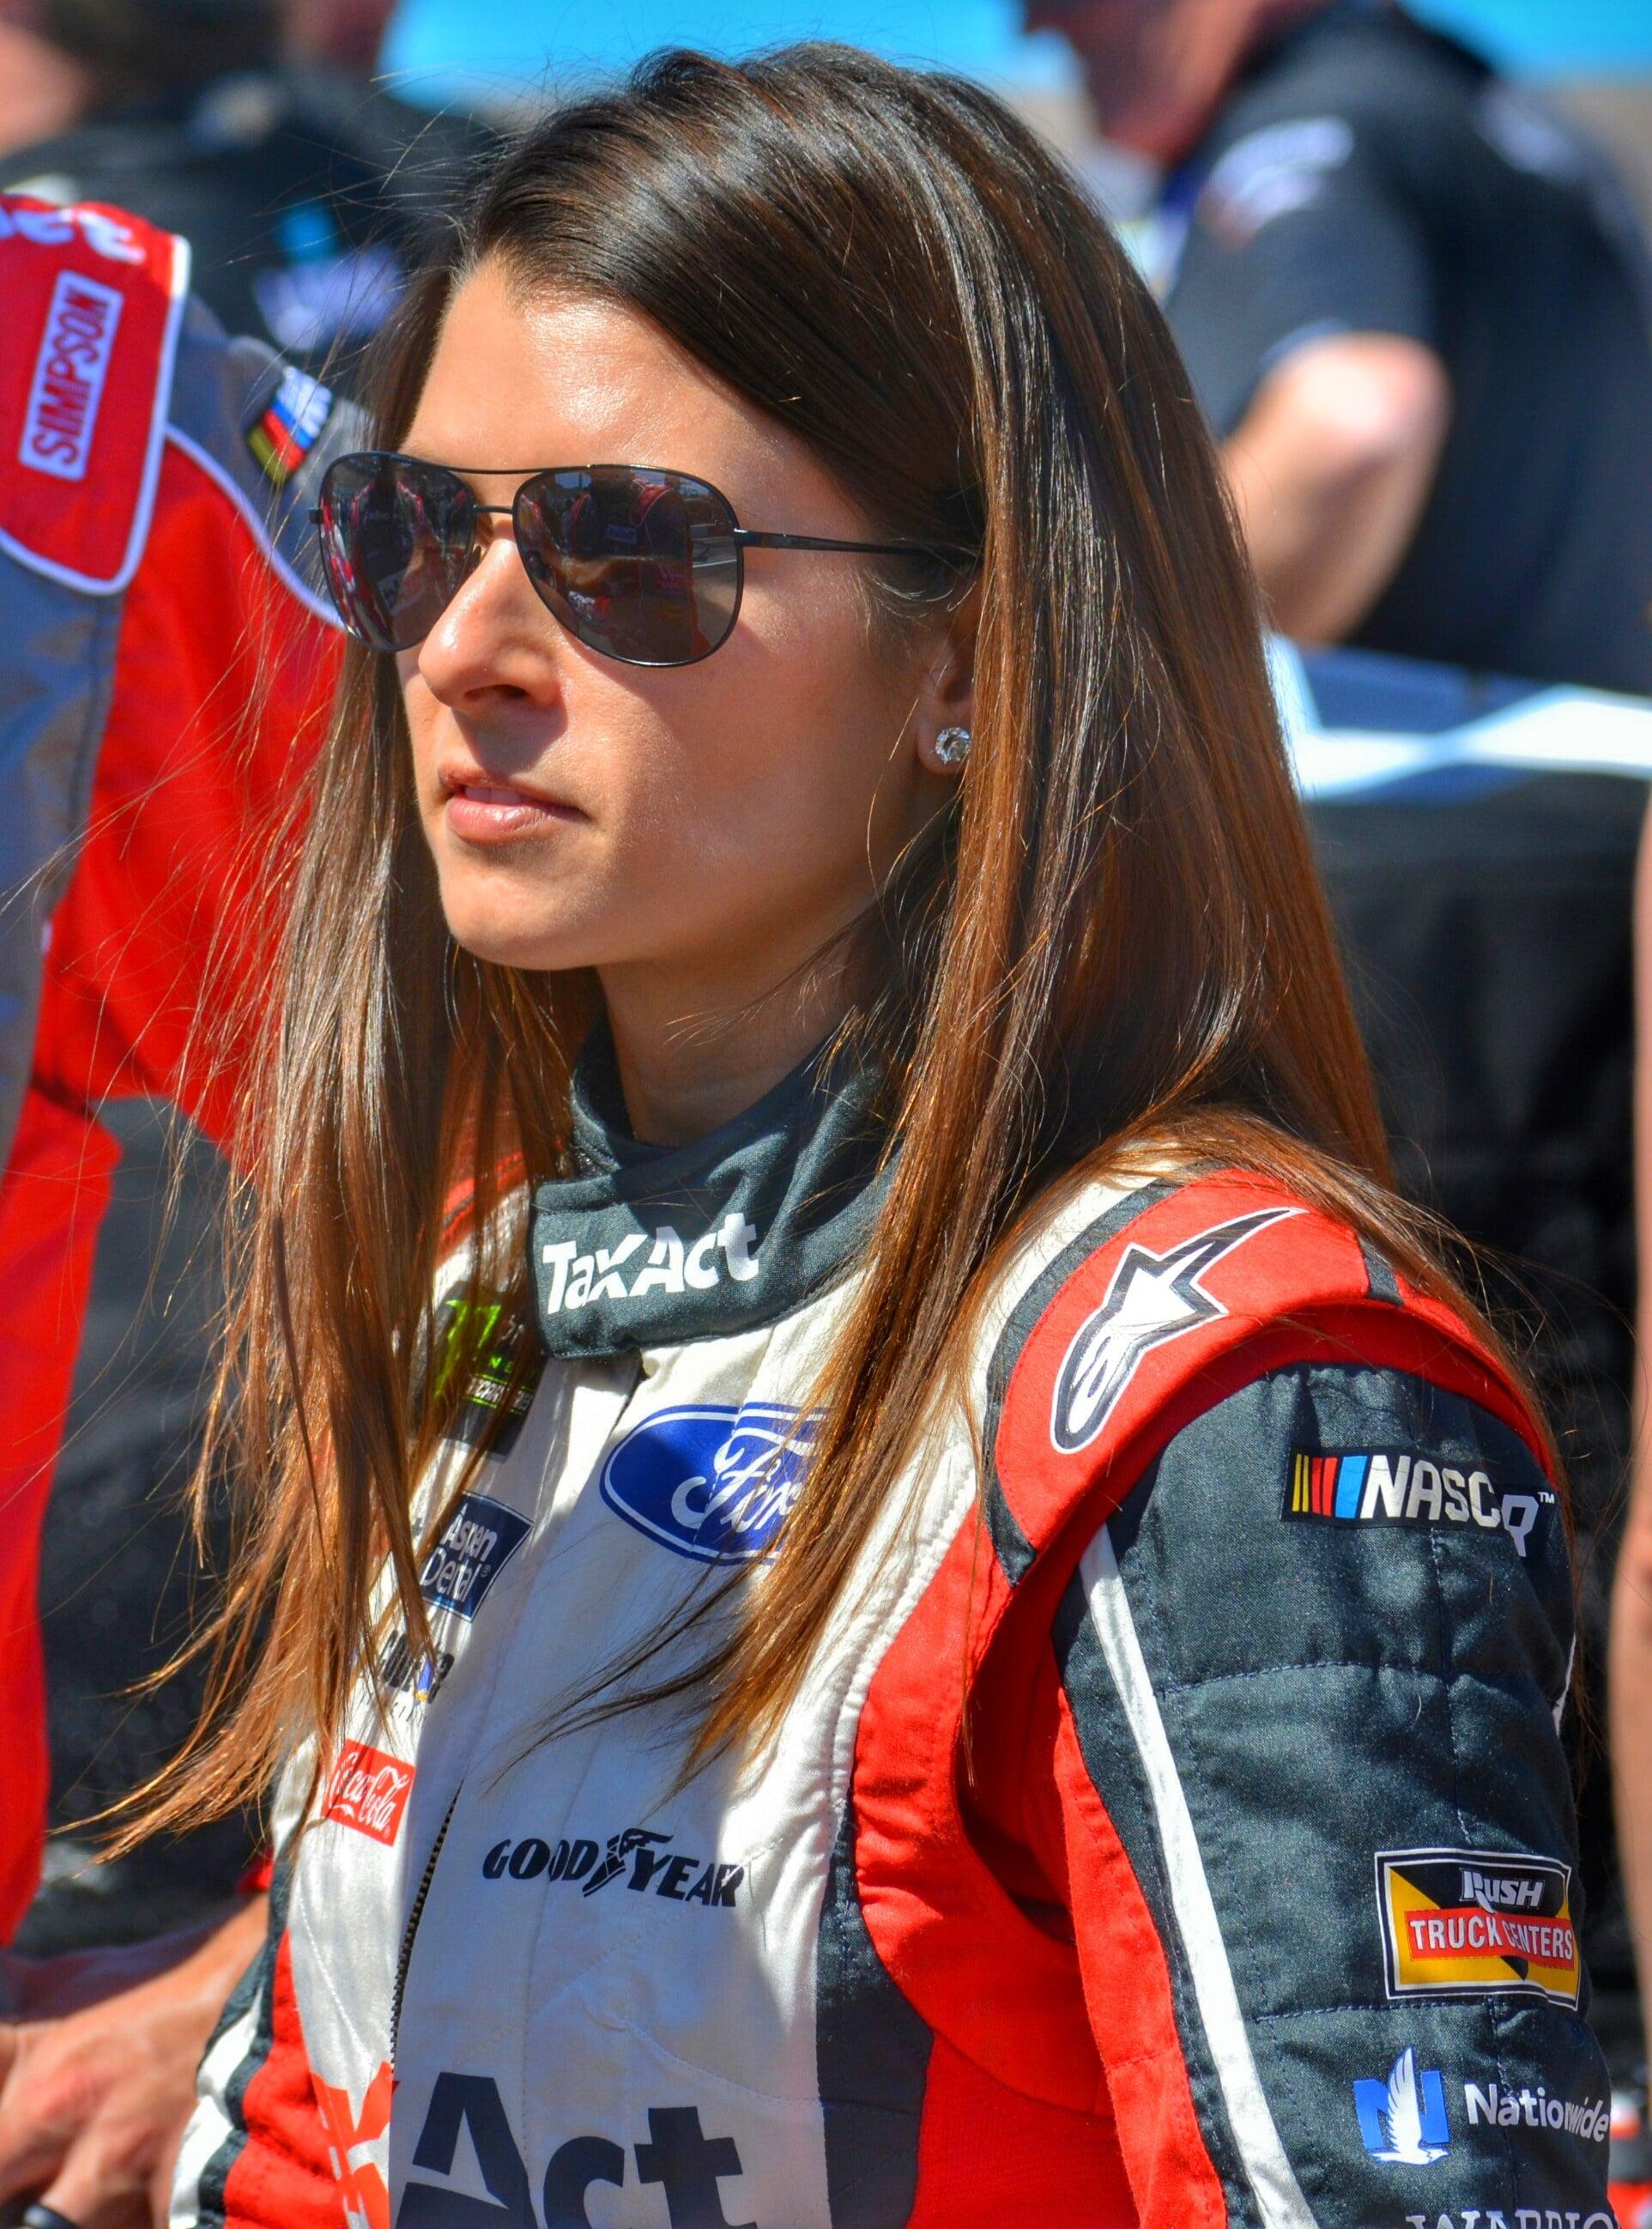 Danica Patrick American Professional Racing Driver